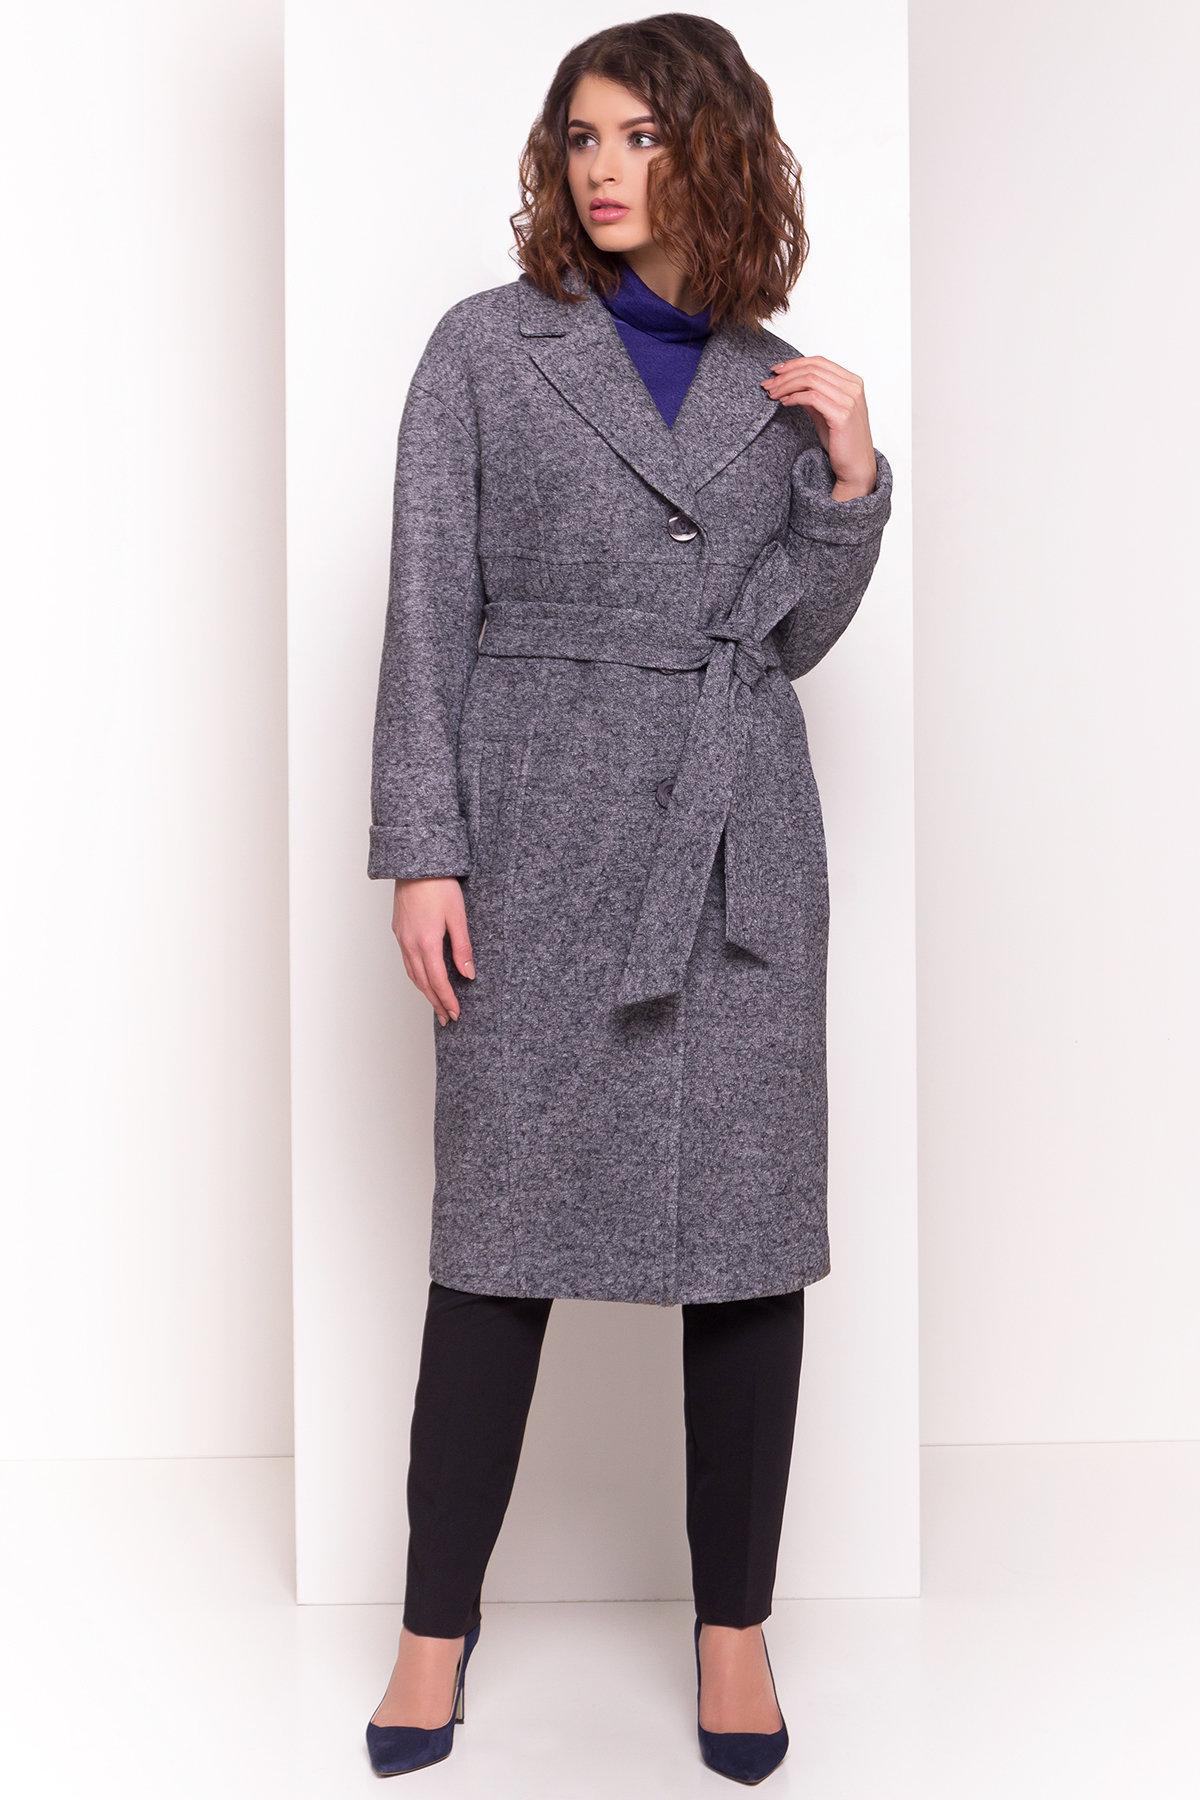 Пальто Джани 4676 АРТ. 34074 Цвет: Серый Темный LW-5 - фото 3, интернет магазин tm-modus.ru